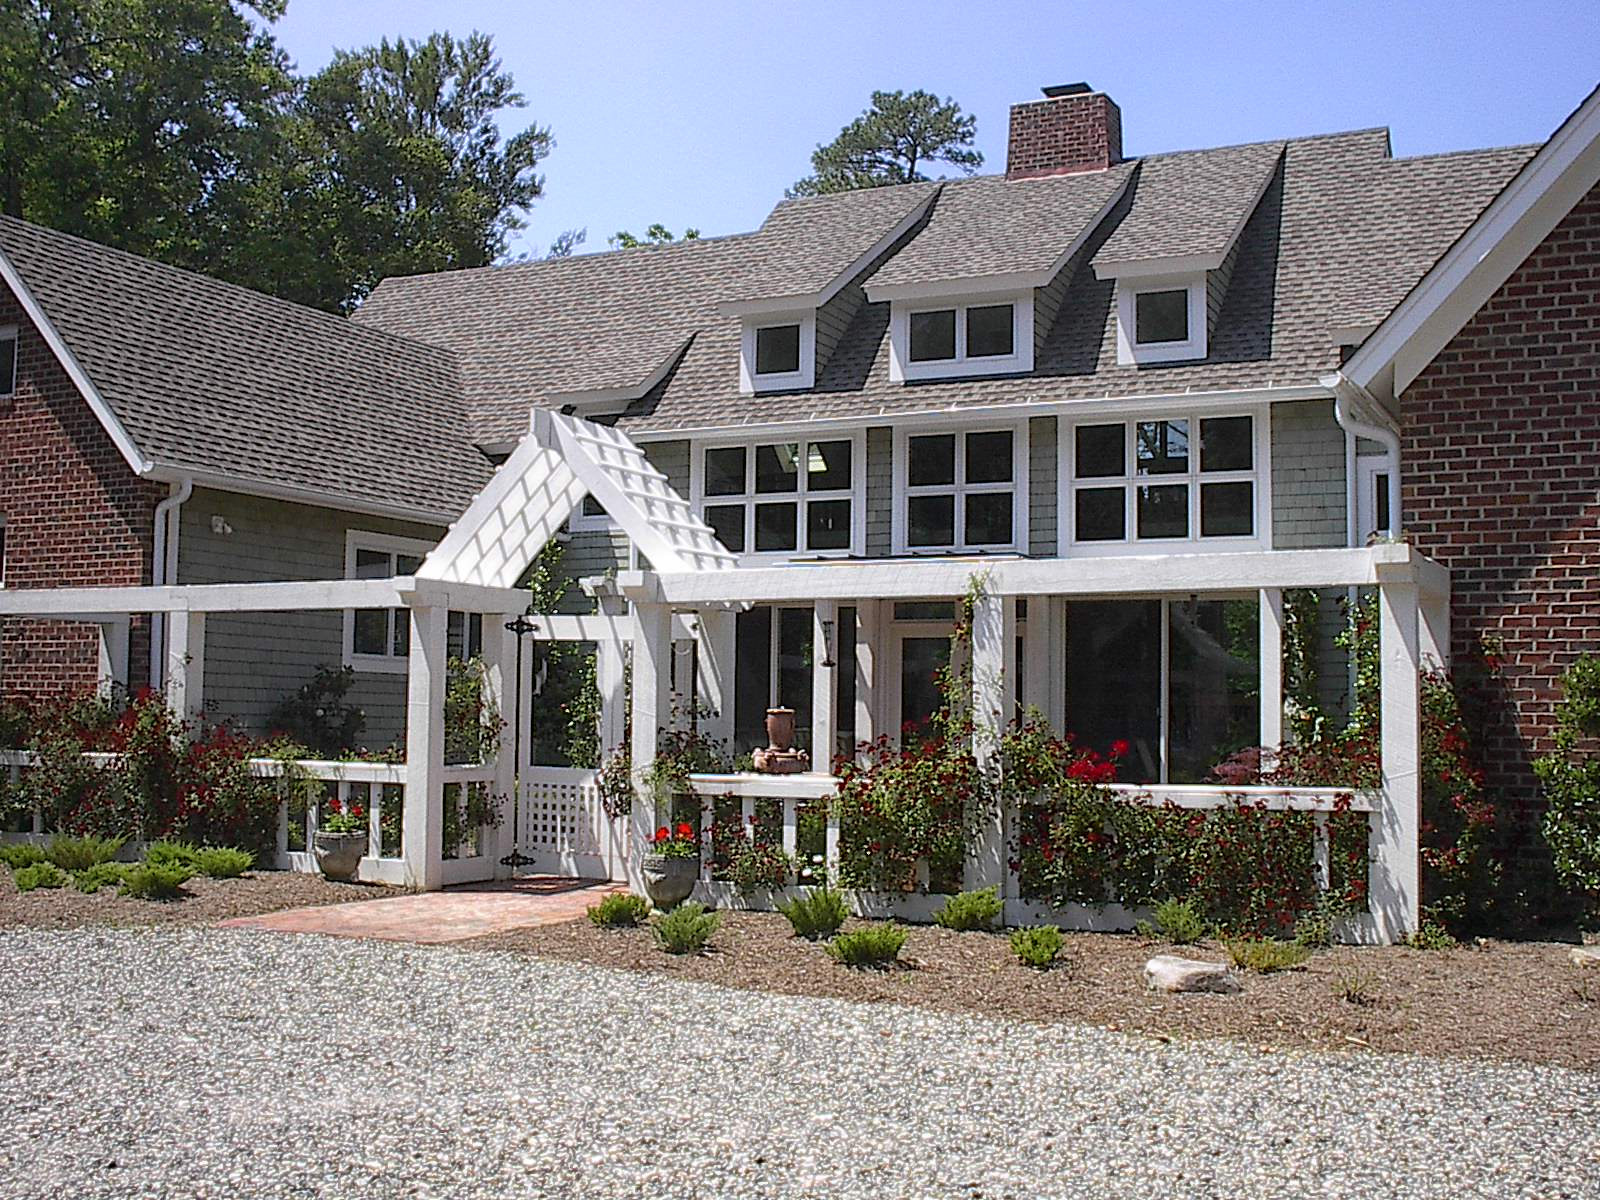 Tarpy Residence, Charles City Co., VA